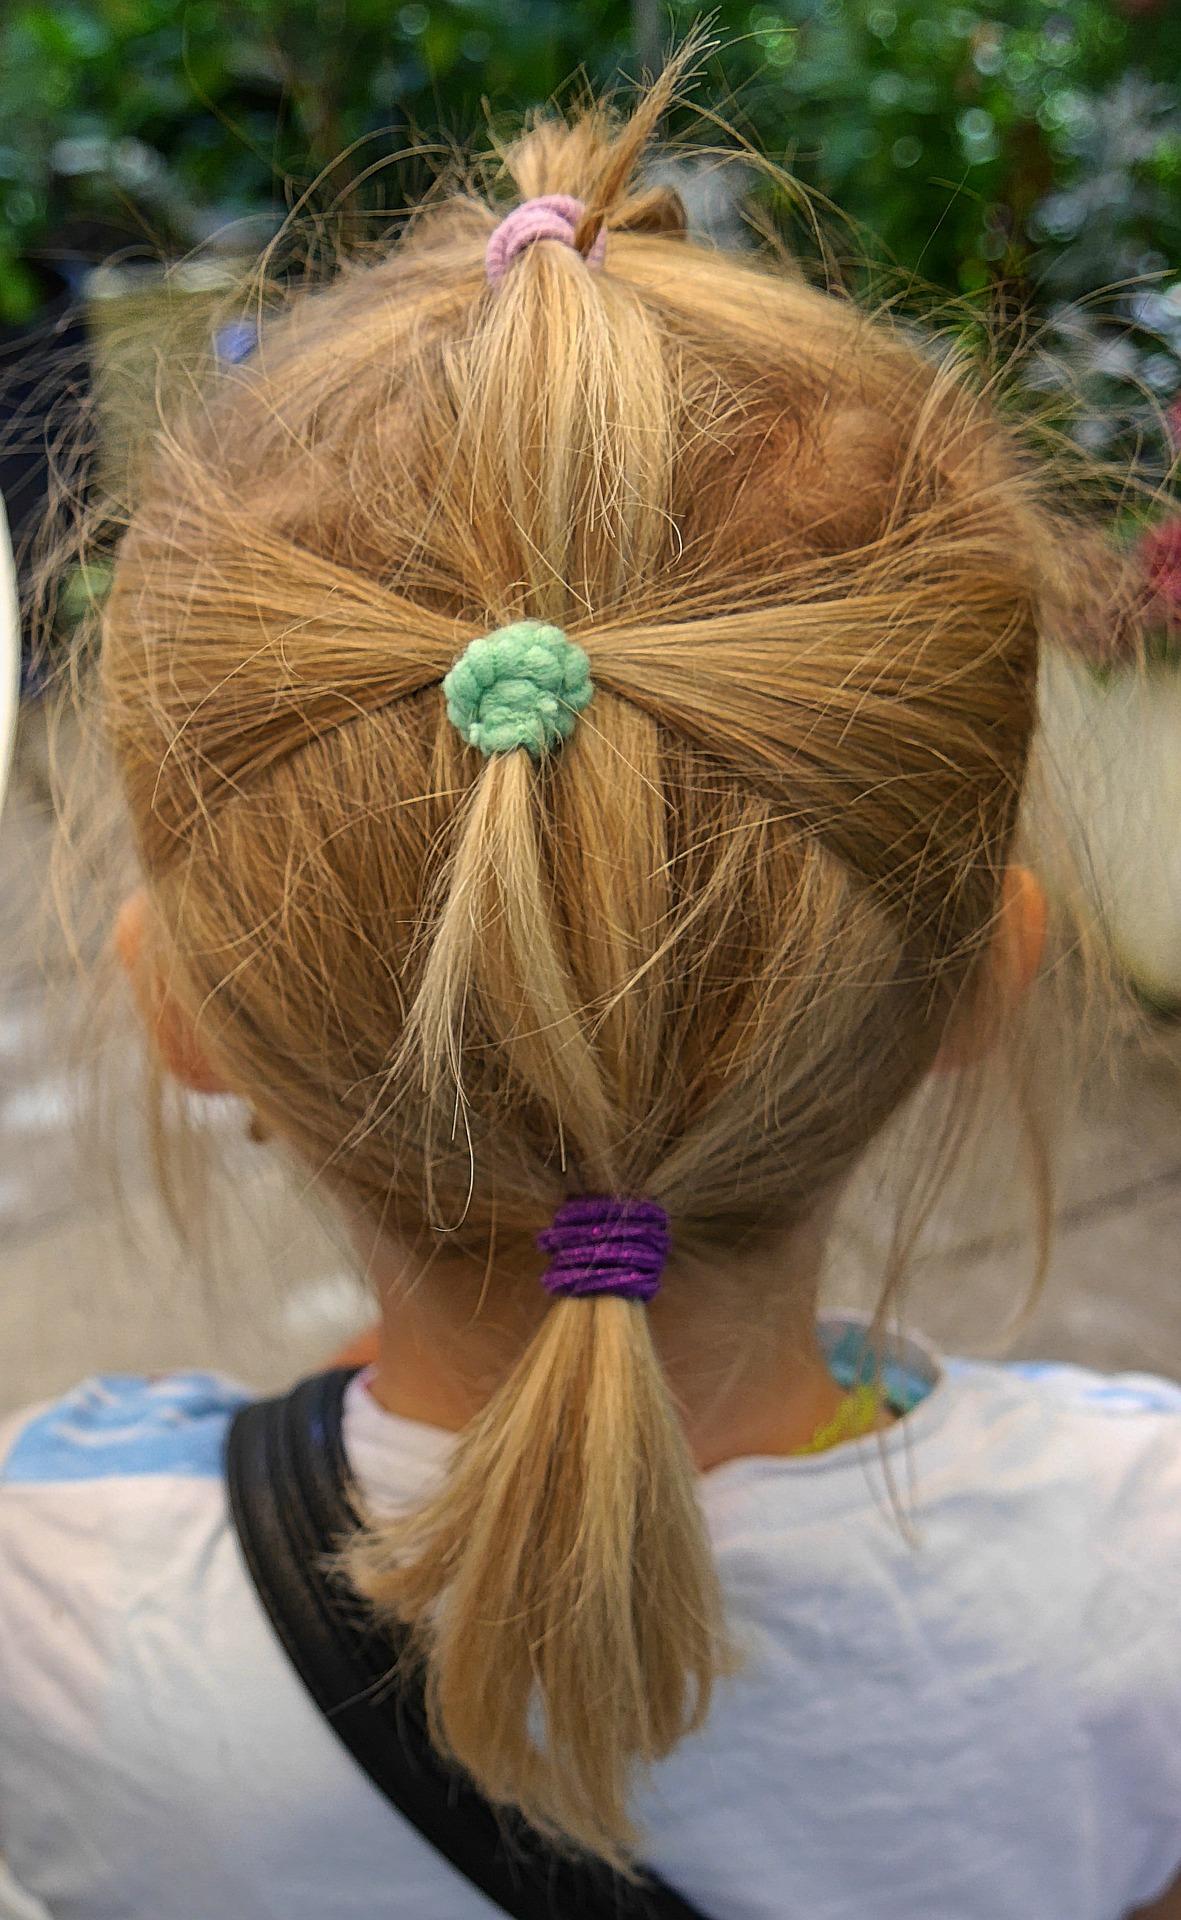 penteado-infantil-simples-e-rapido